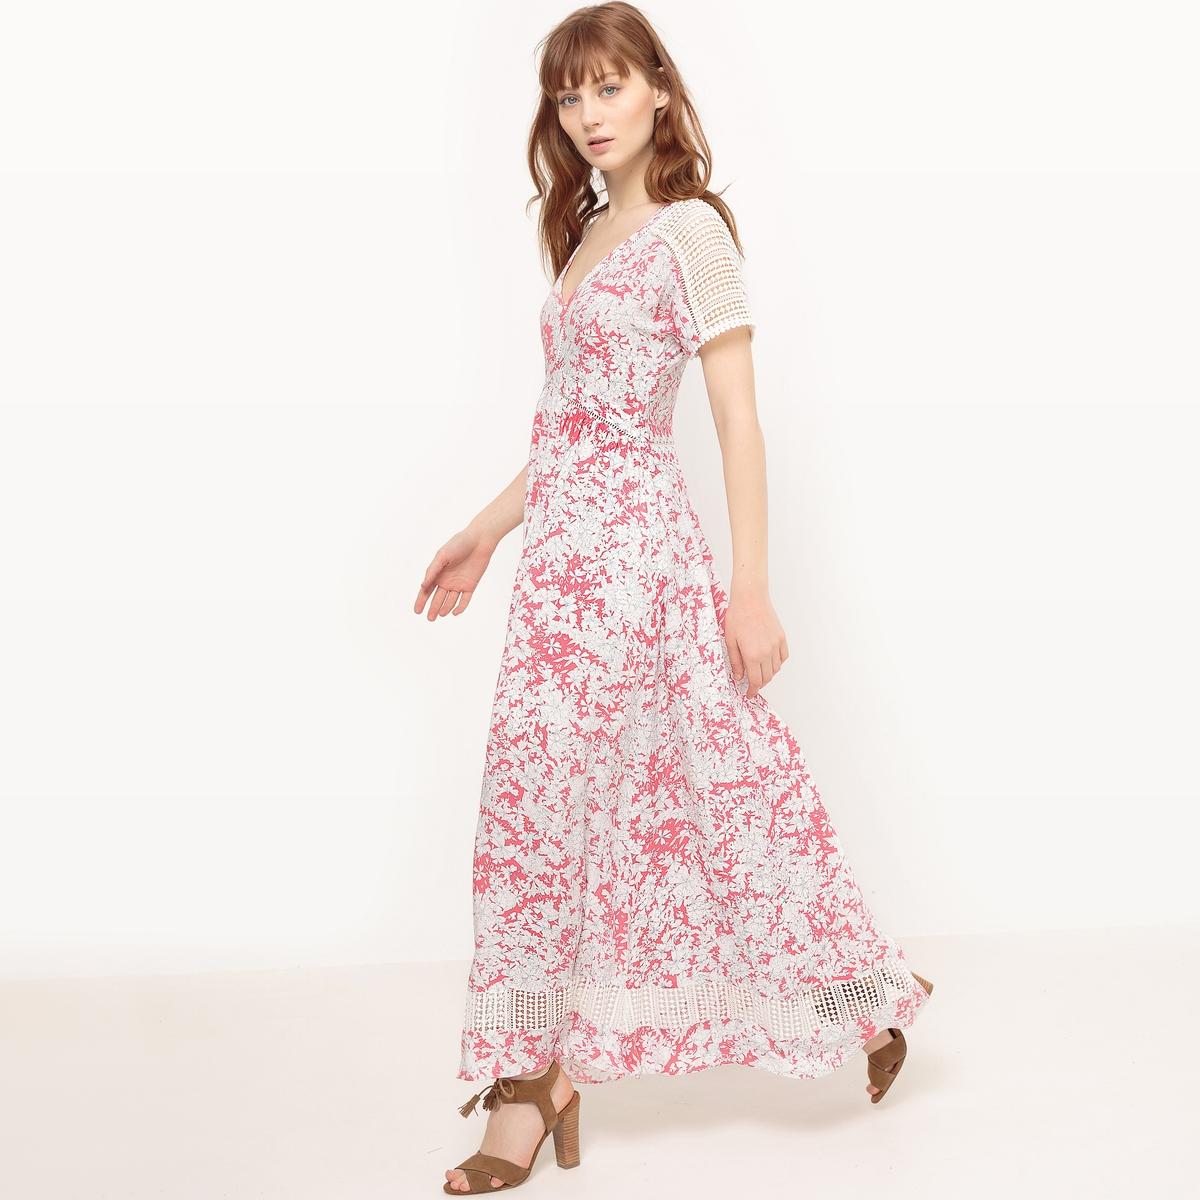 Платье длинное с цветочным принтомМатериал : 100% вискоза      Подкладка : 100% вискоза      Длина рукава : короткие рукава       Форма воротника : V-образный вырез      Покрой платья : длинное платье      Рисунок : цветочный      Особенность материала : кружево      Особенность платья : глубокий вырез сзади      Длина платья : короткая<br><br>Цвет: розовый<br>Размер: S